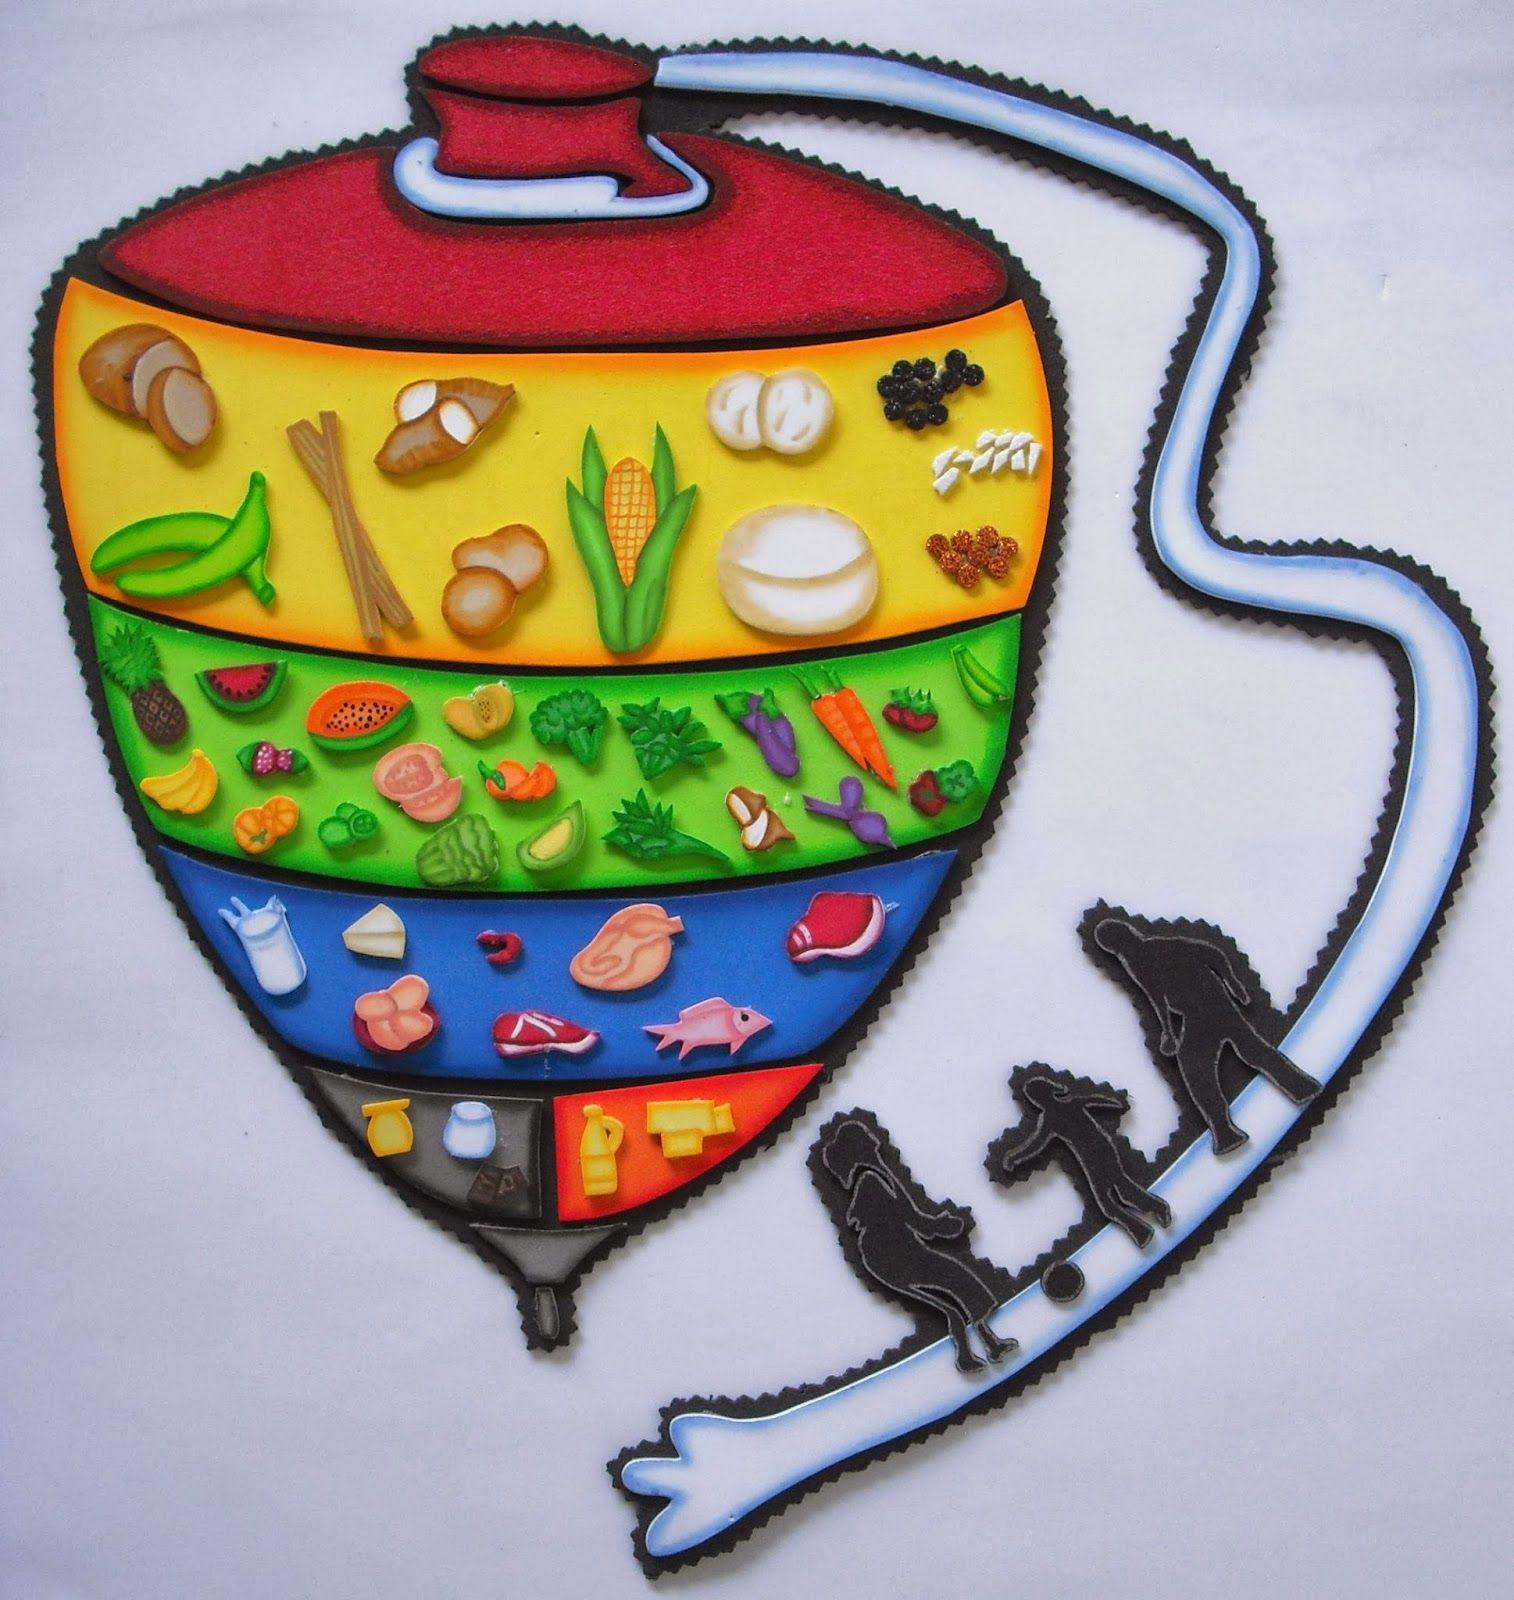 Mis Tablas Trompo De Alimentos En Foamy Alimentos Para Colorear Actividades De Aprendizaje Para Ninos Manualidades Escolares